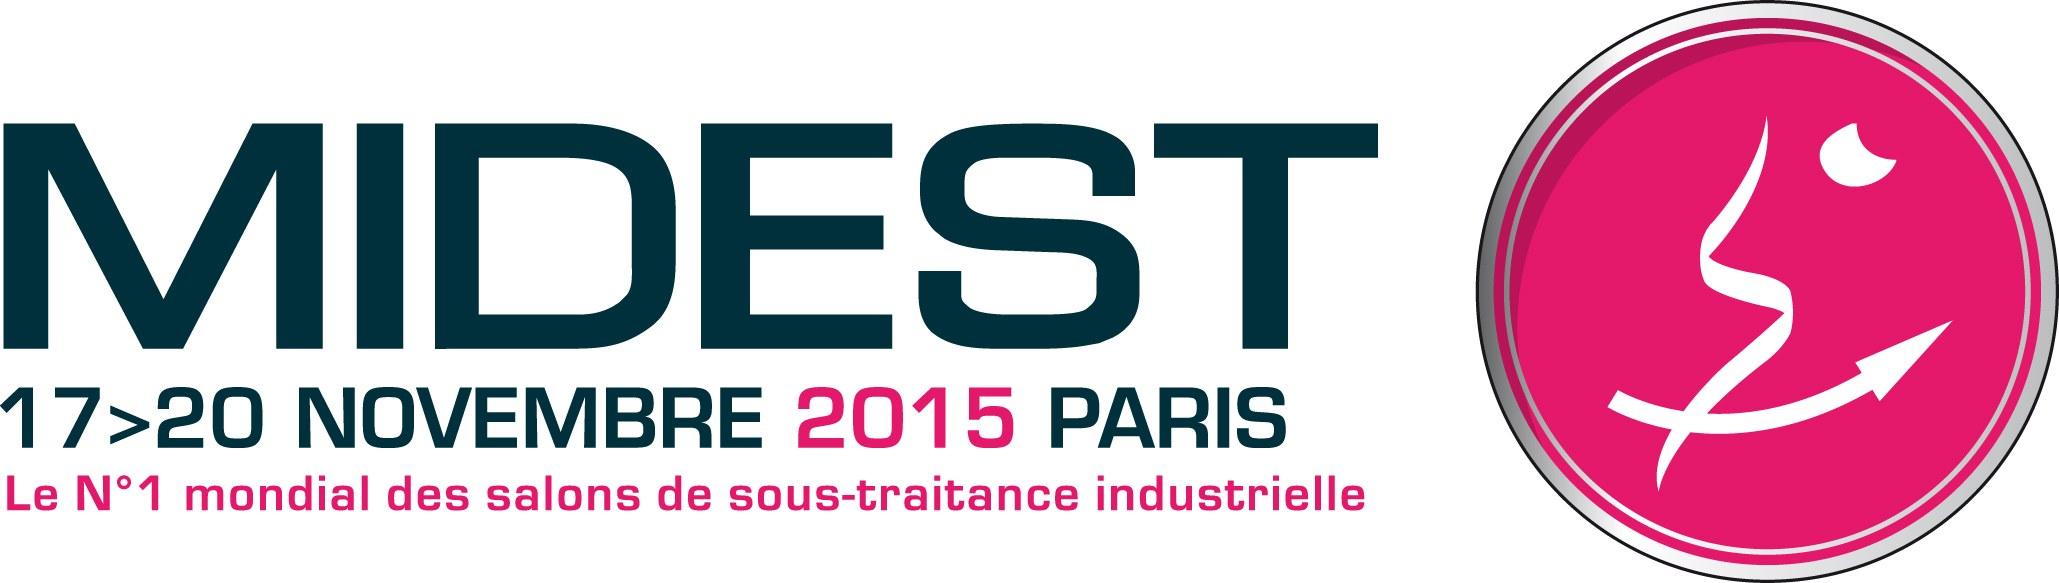 Parisen MIDEST 2015 erakustazoka azaroaren 12tik 20ra bitartean